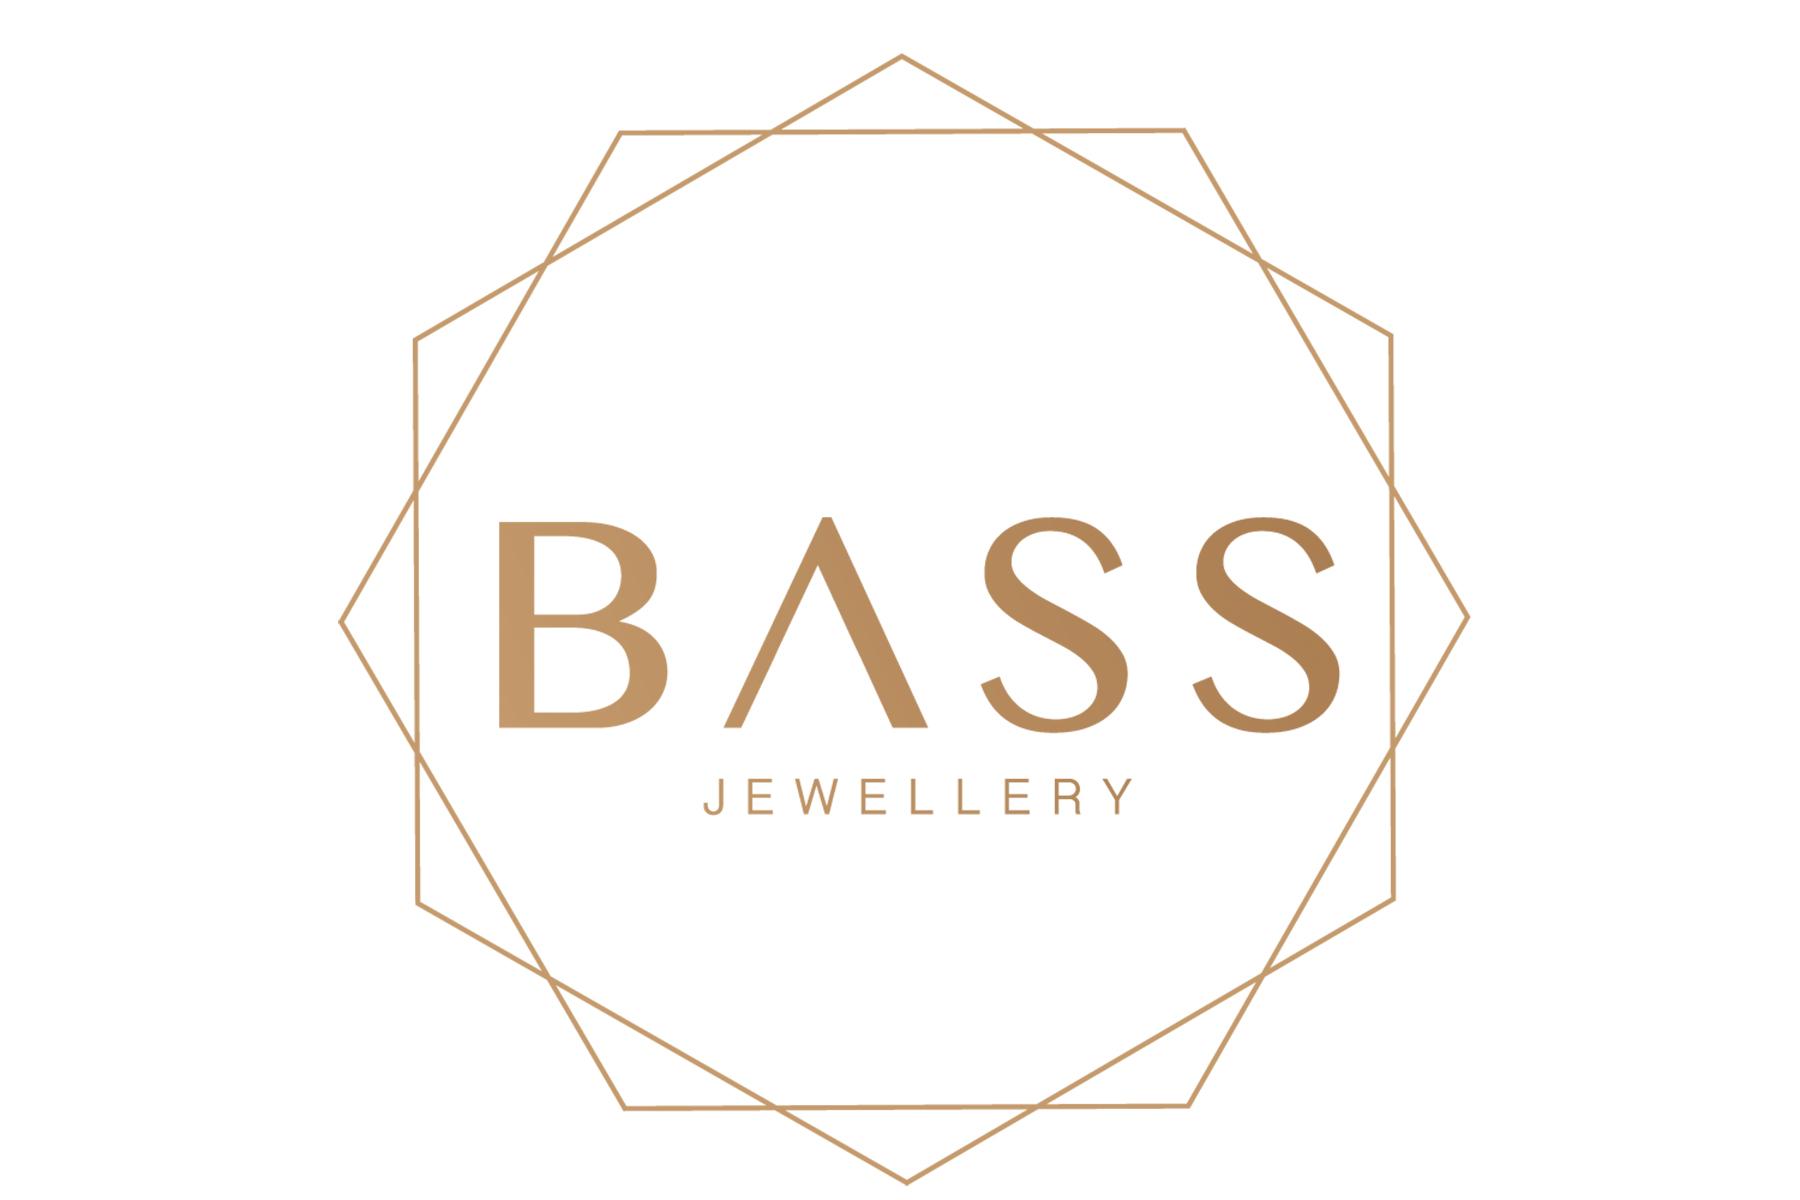 bass-jewellery.jpg